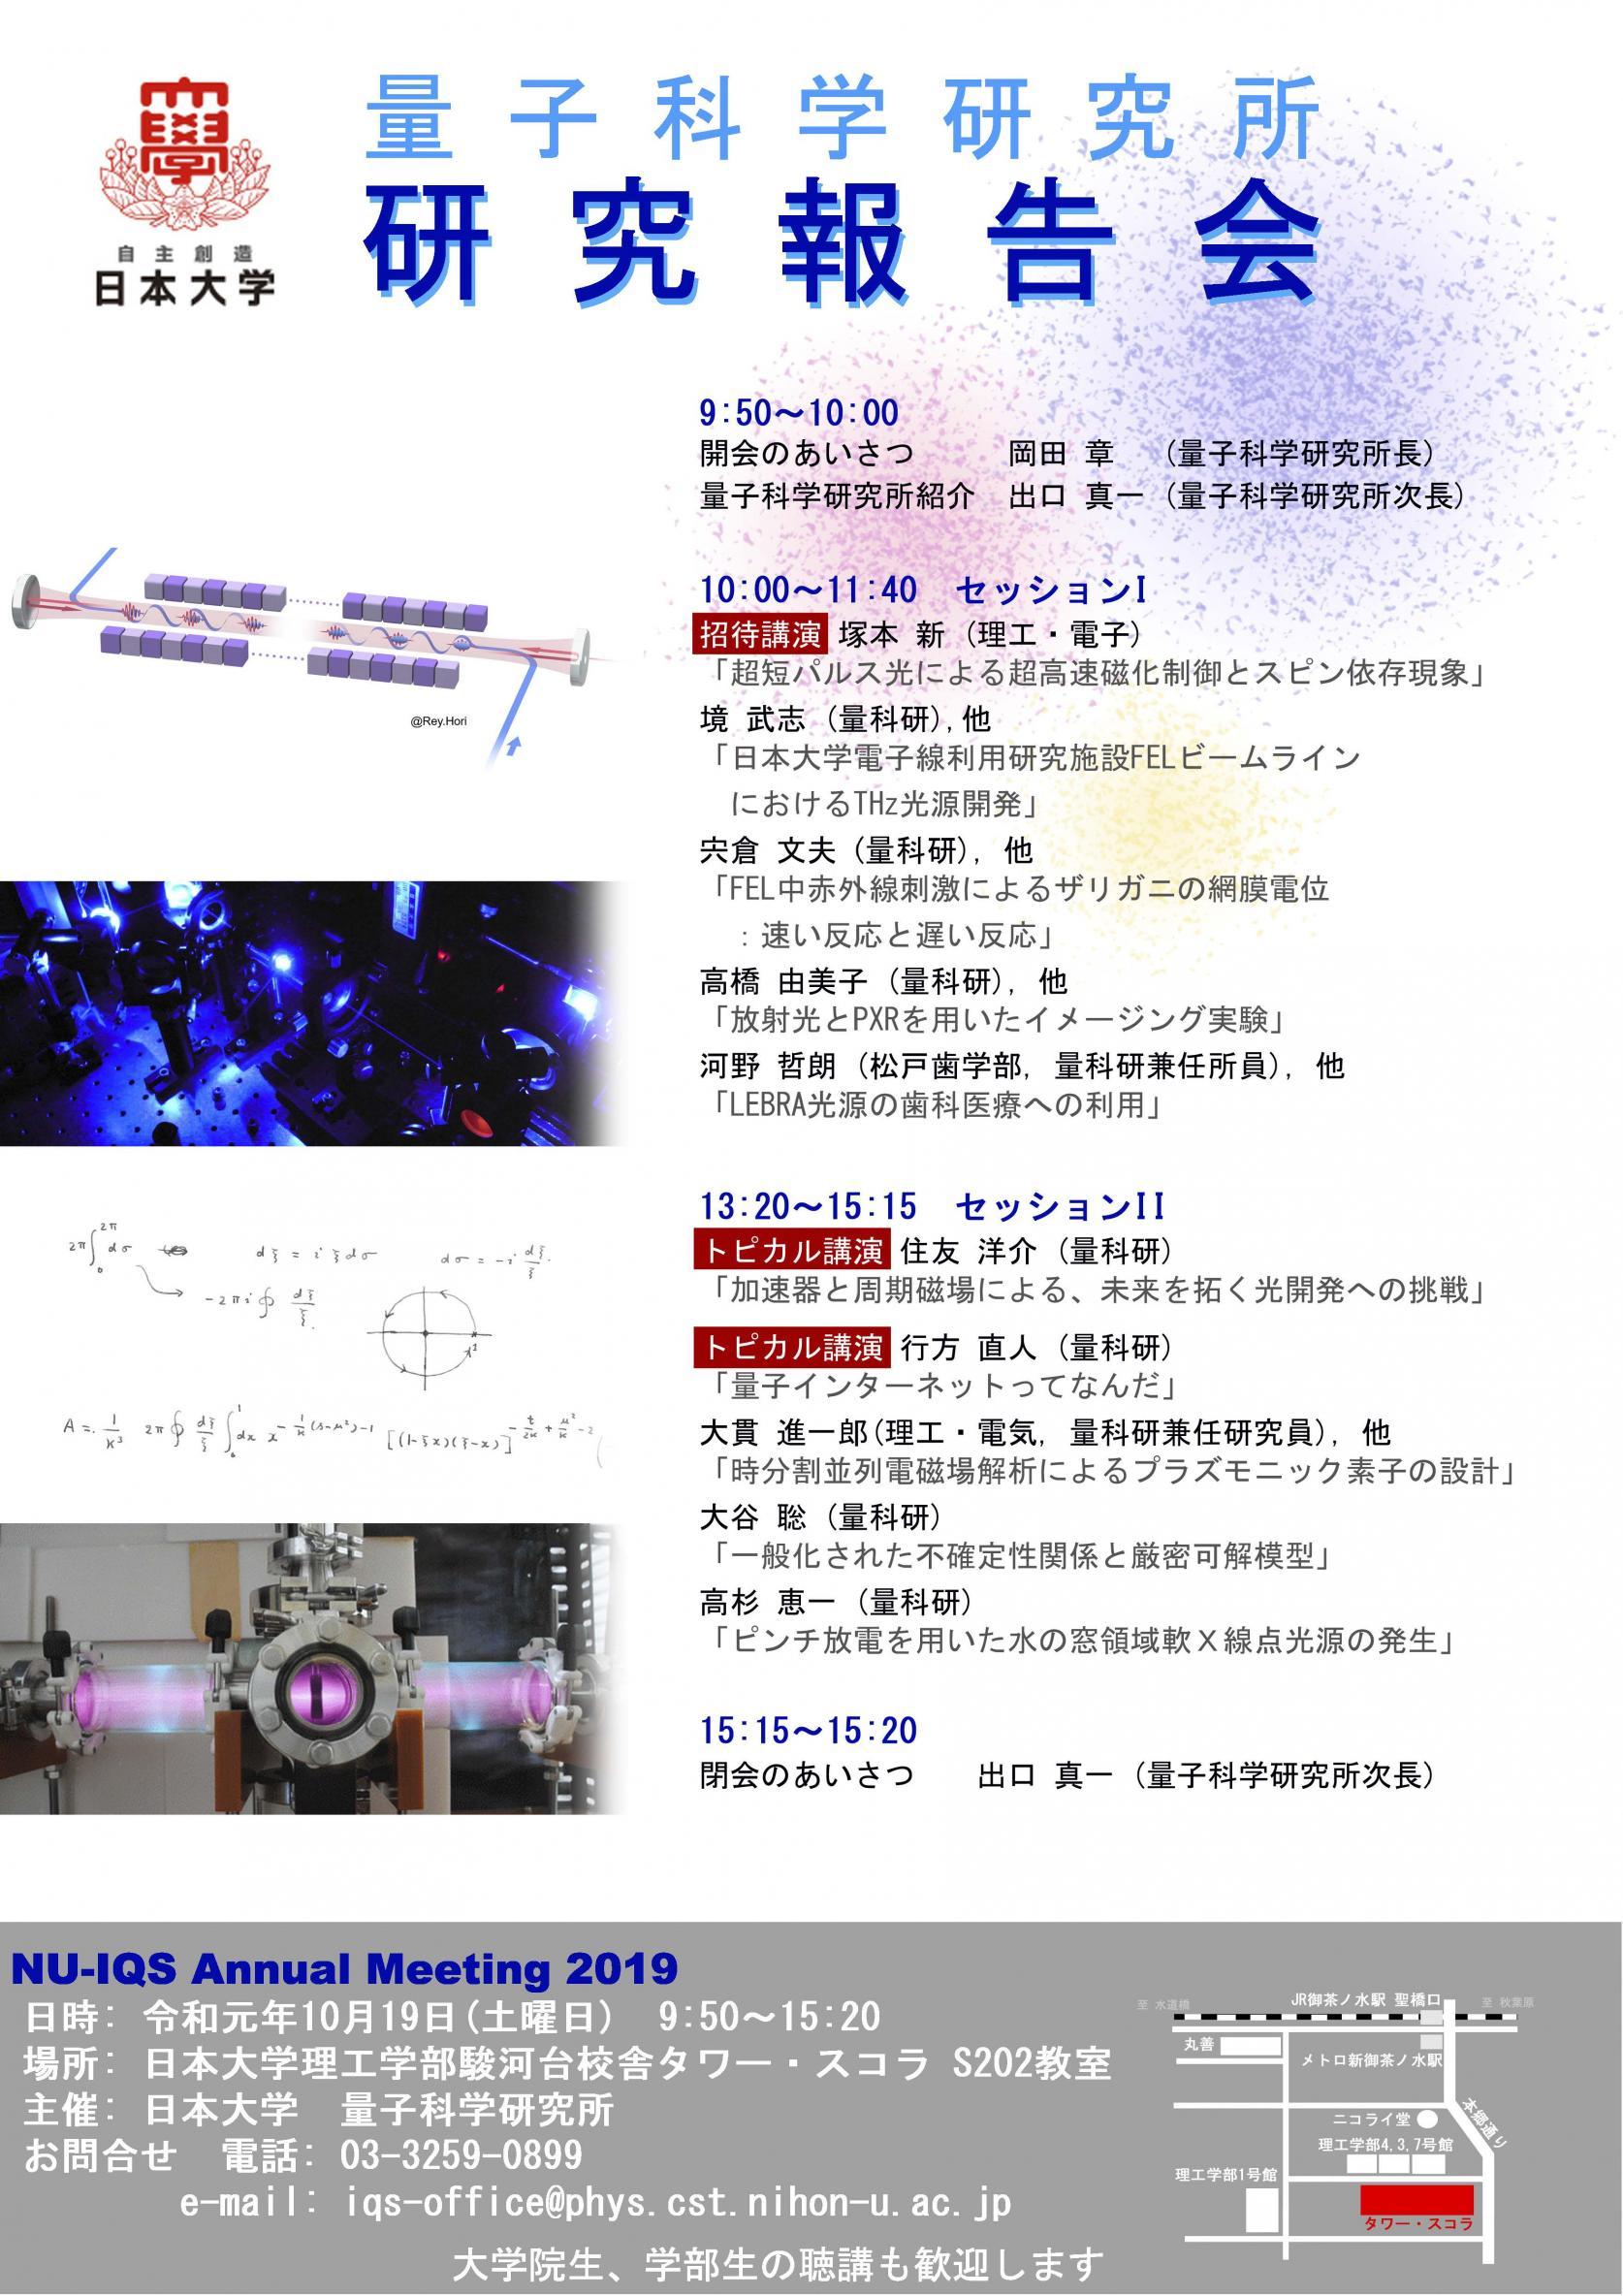 <10月19日(土)>令和元年度日本大学量子科学研究所 研究報告会を開催します。(申込不要・入退場自由)